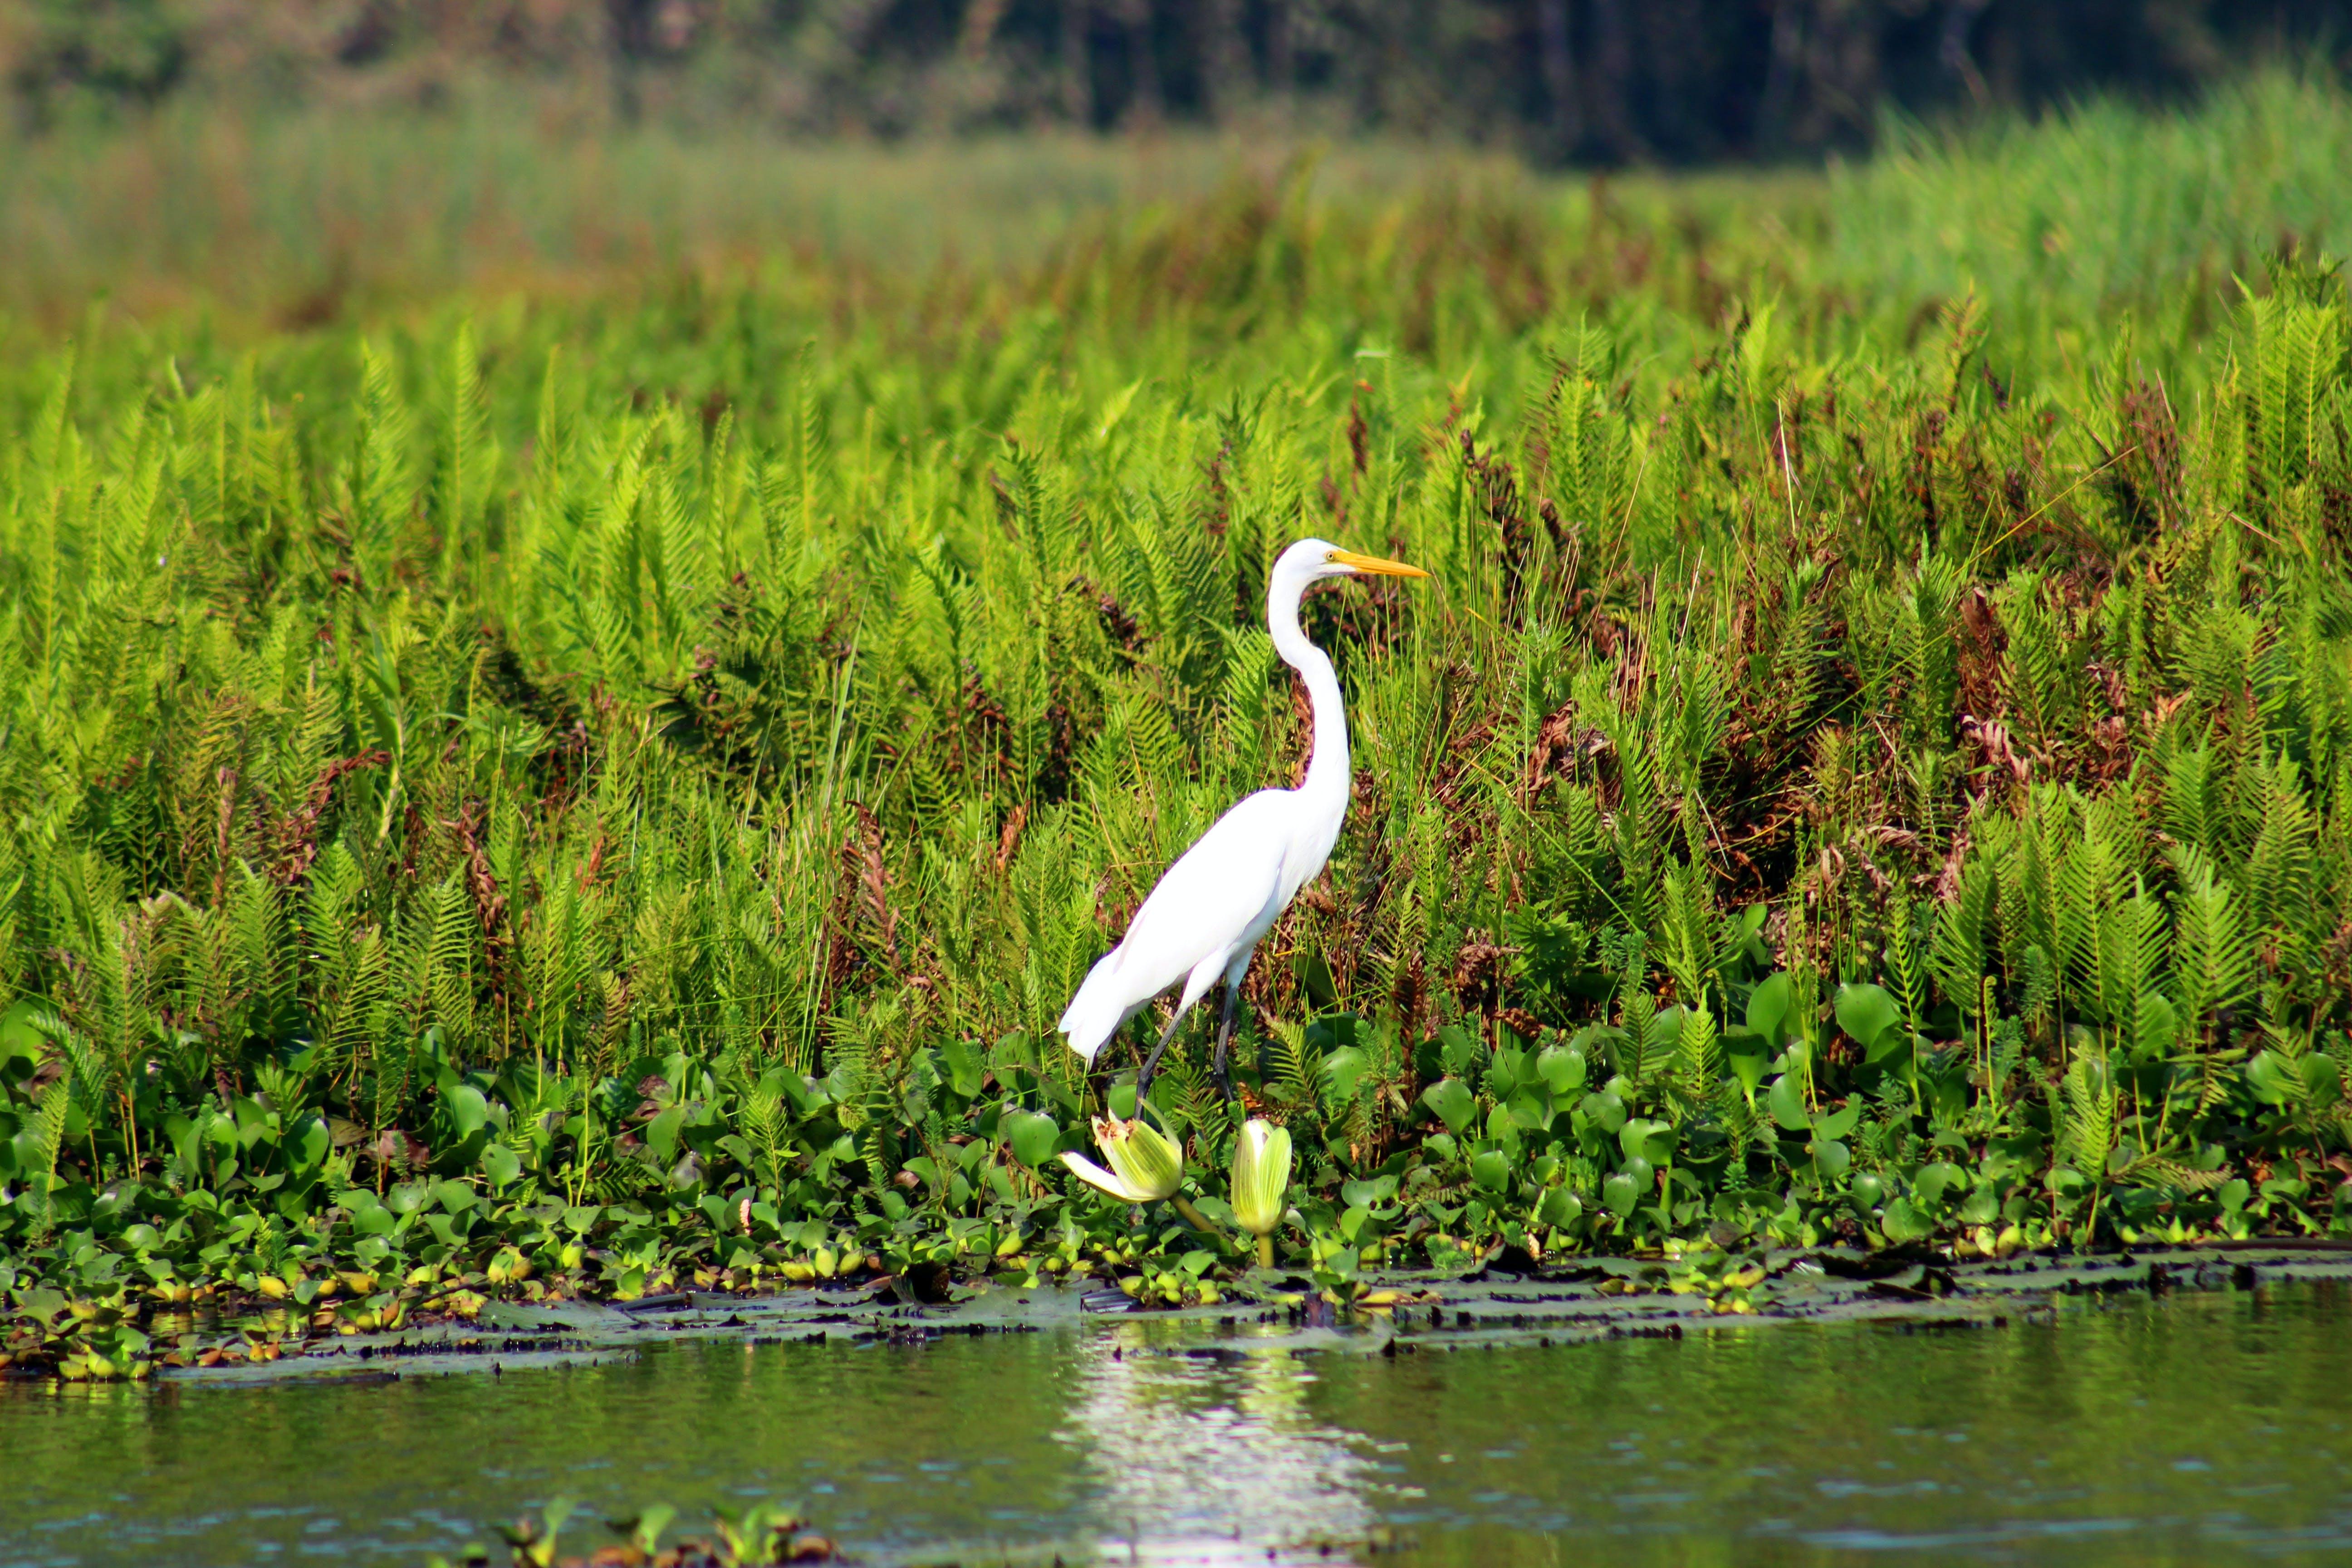 Kostenloses Stock Foto zu federn, gras, lagune, landschaft